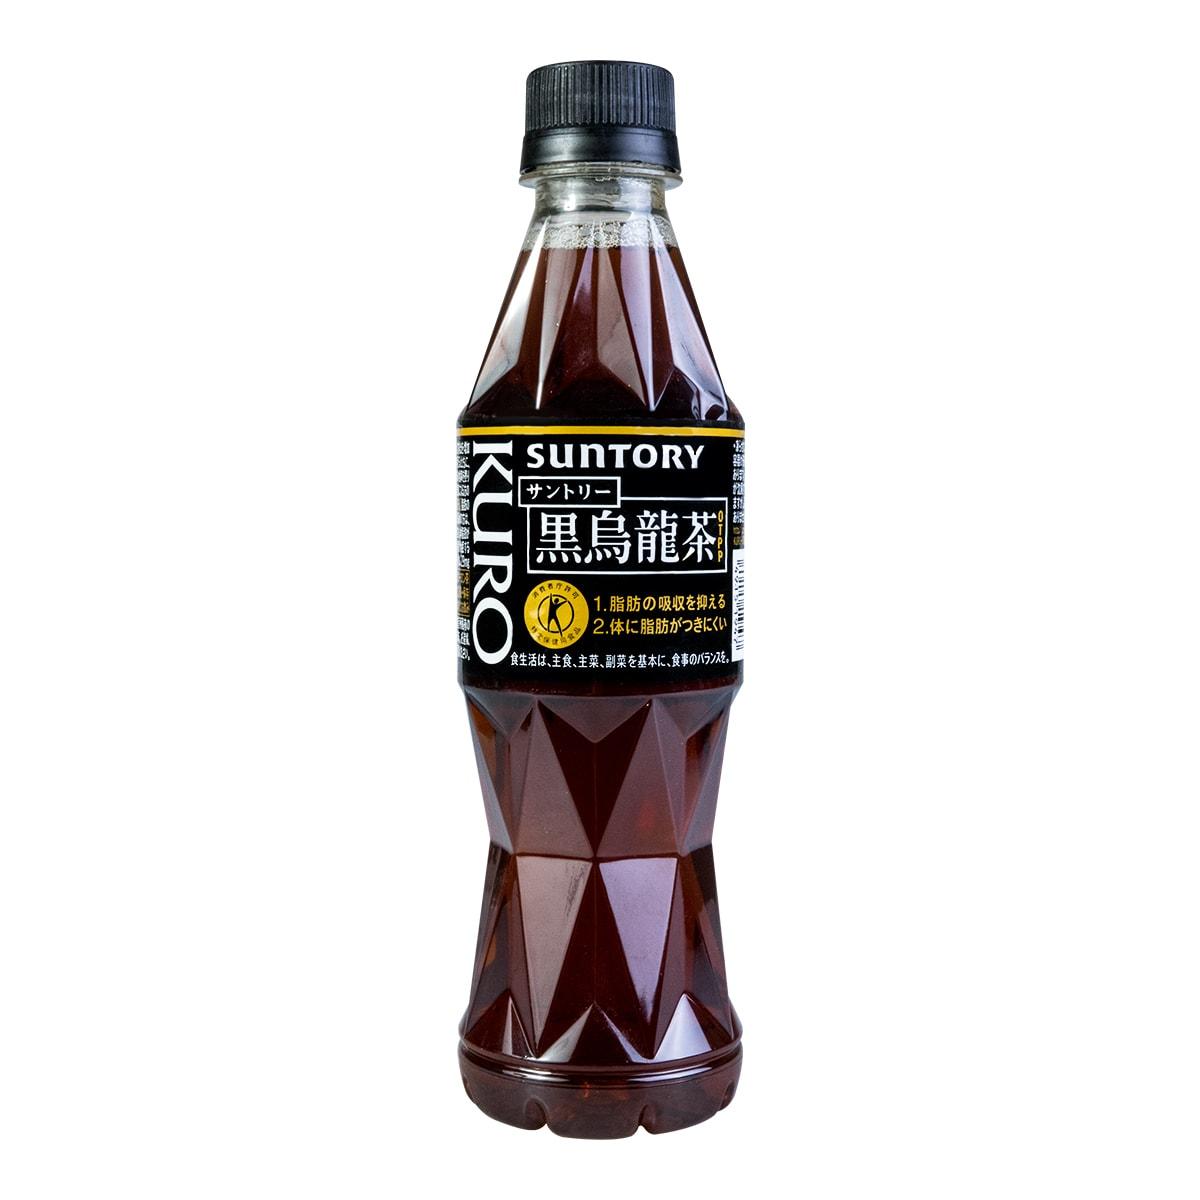 日本SUNTORY三得利 黑乌龙茶 350ml